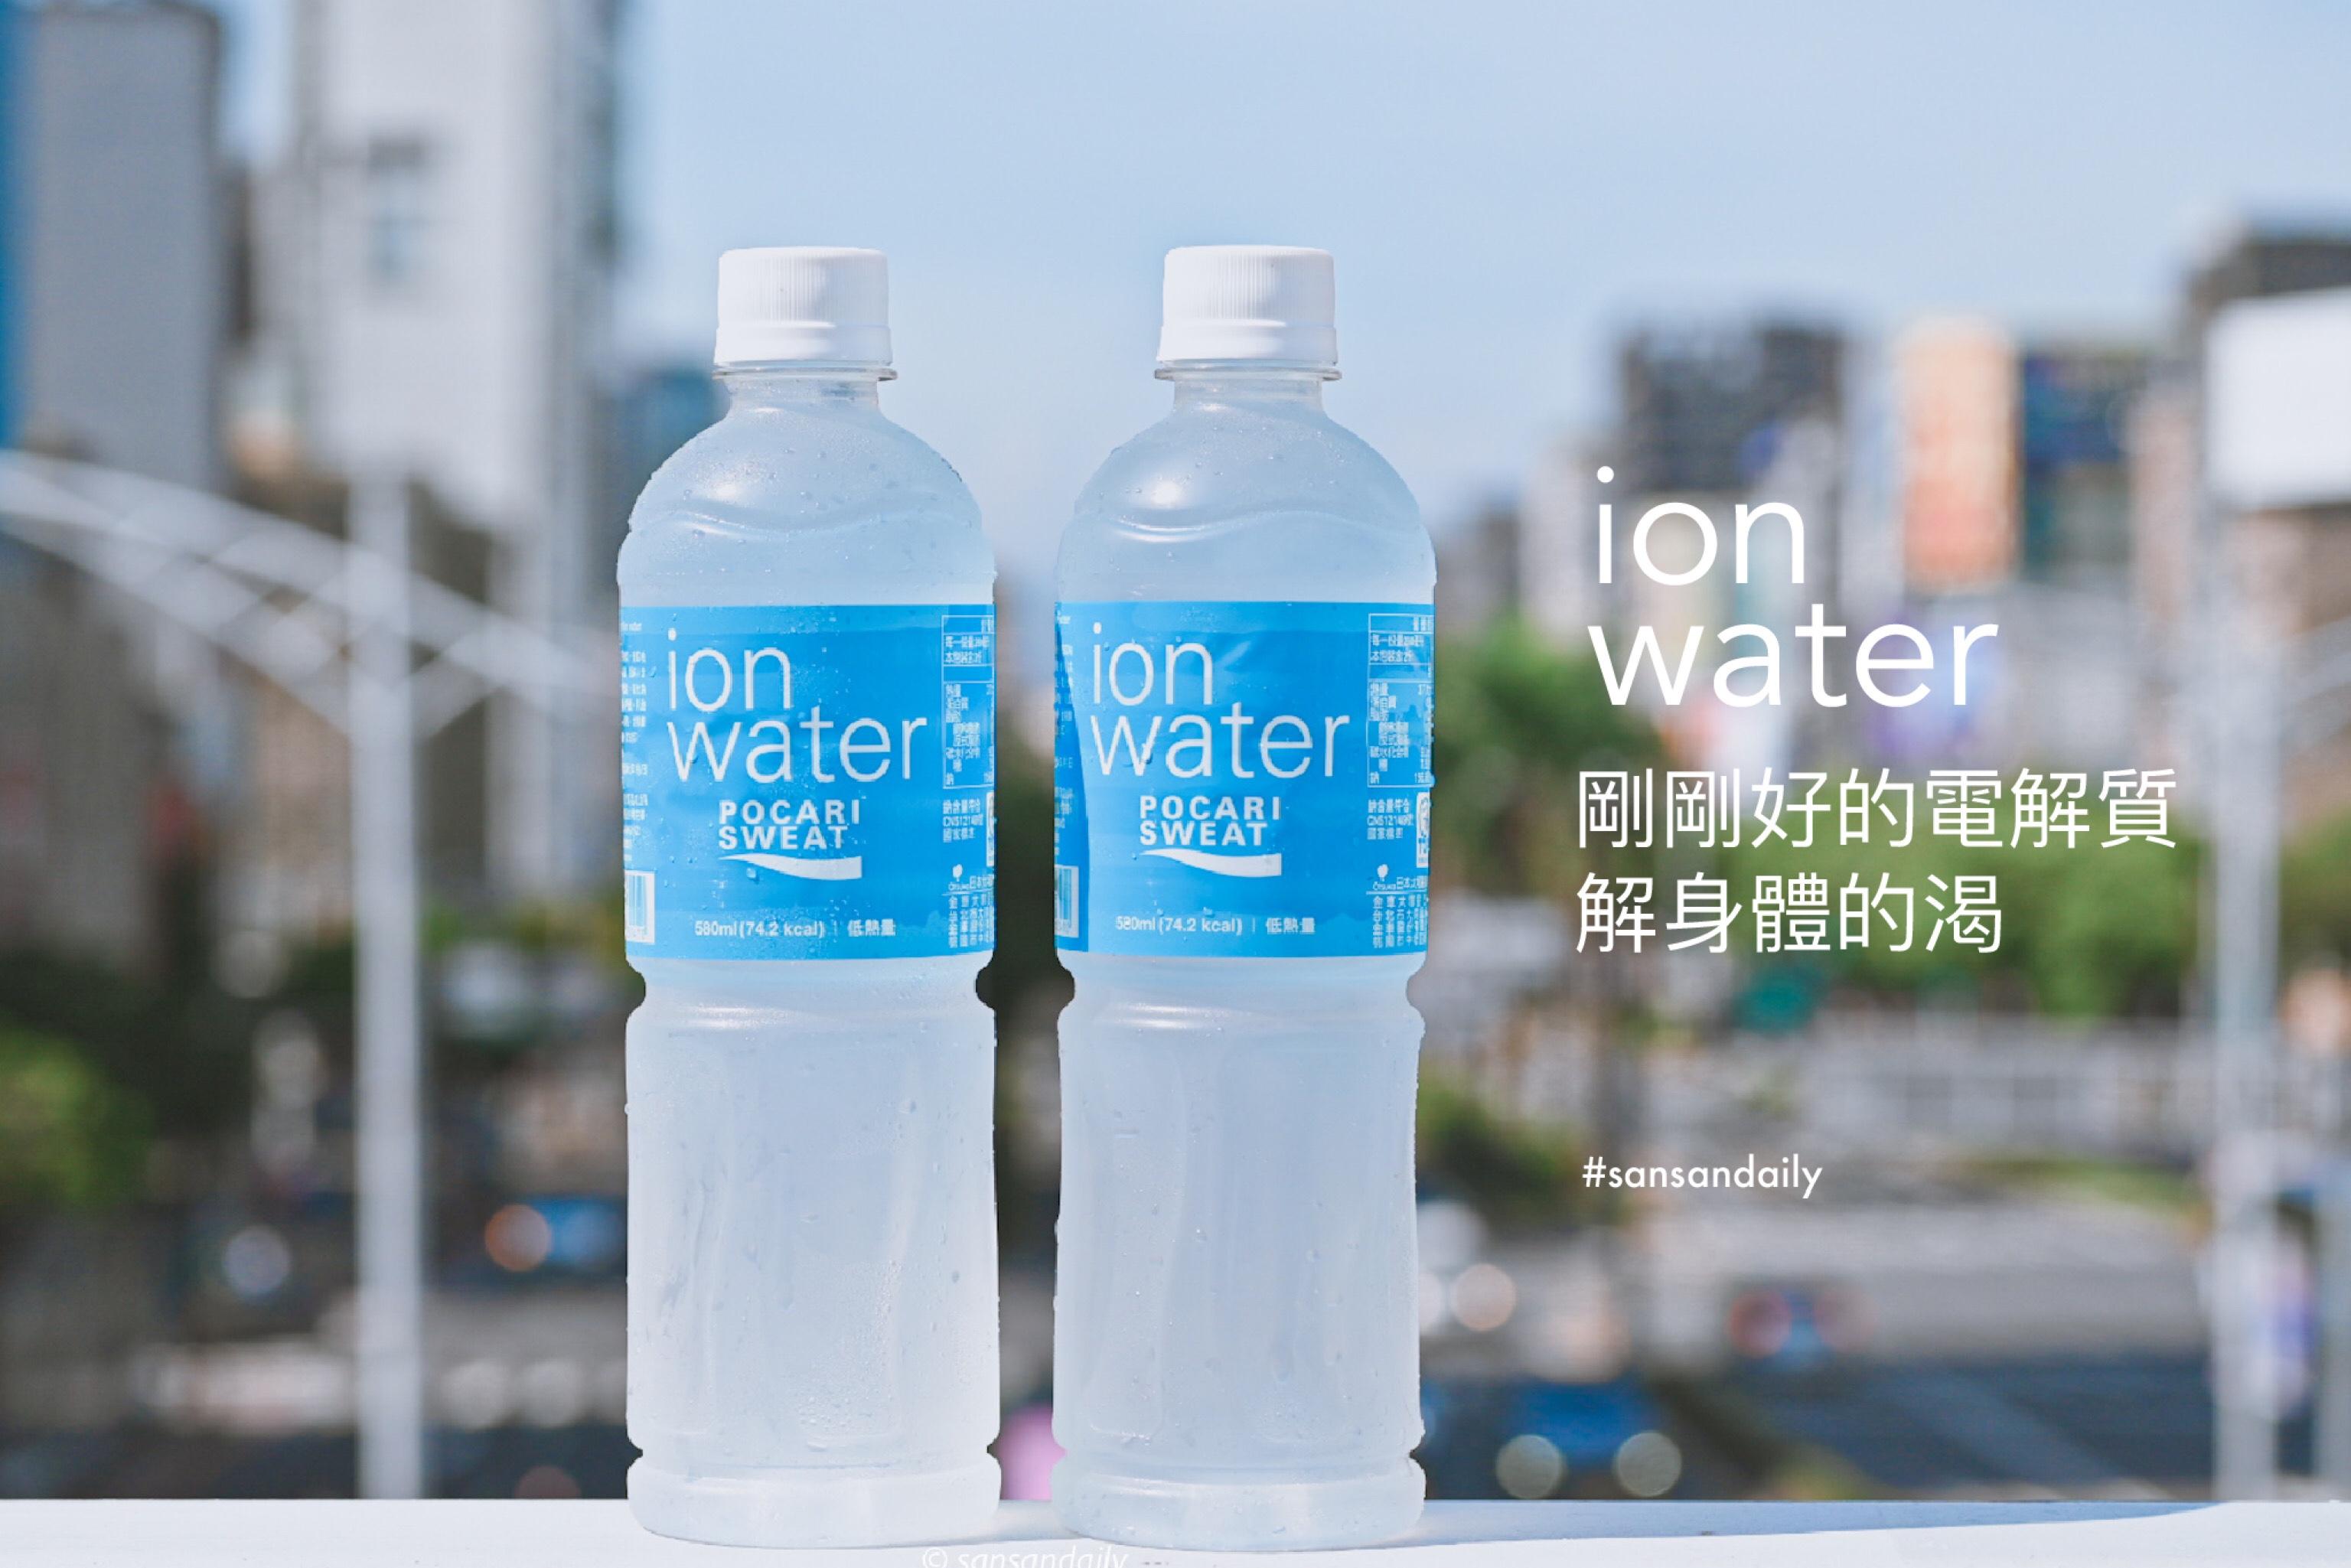 寶礦力水得 ion water低卡更清爽!夏天就喝這個低卡の寶礦力水得|sansan